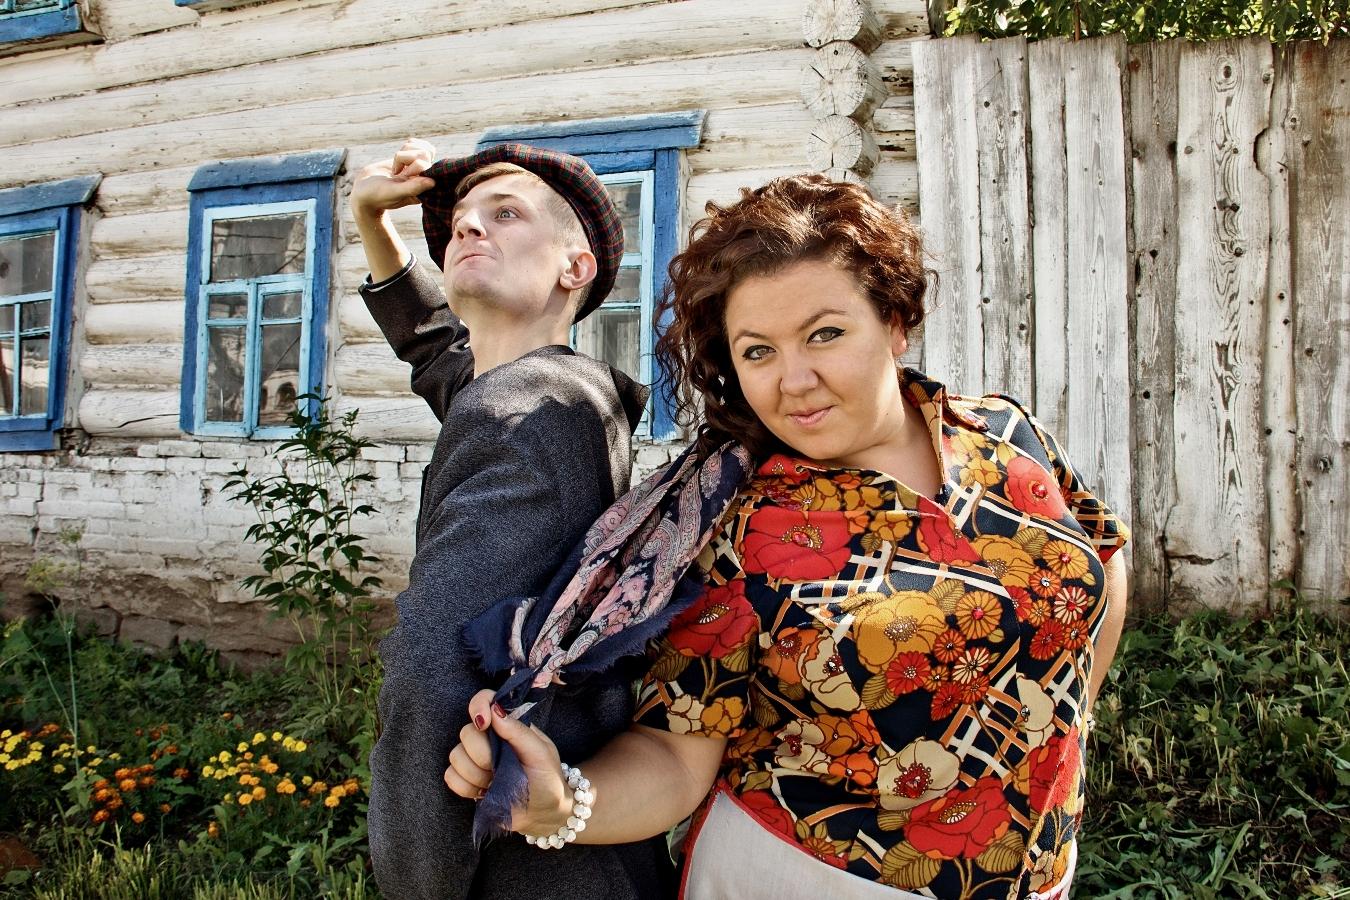 """До ролика на песню """"Hideaway"""" пермская парочка и не думала, что когда-нибудь станет популярной. Фото: vk.com/bonyakuzmich"""